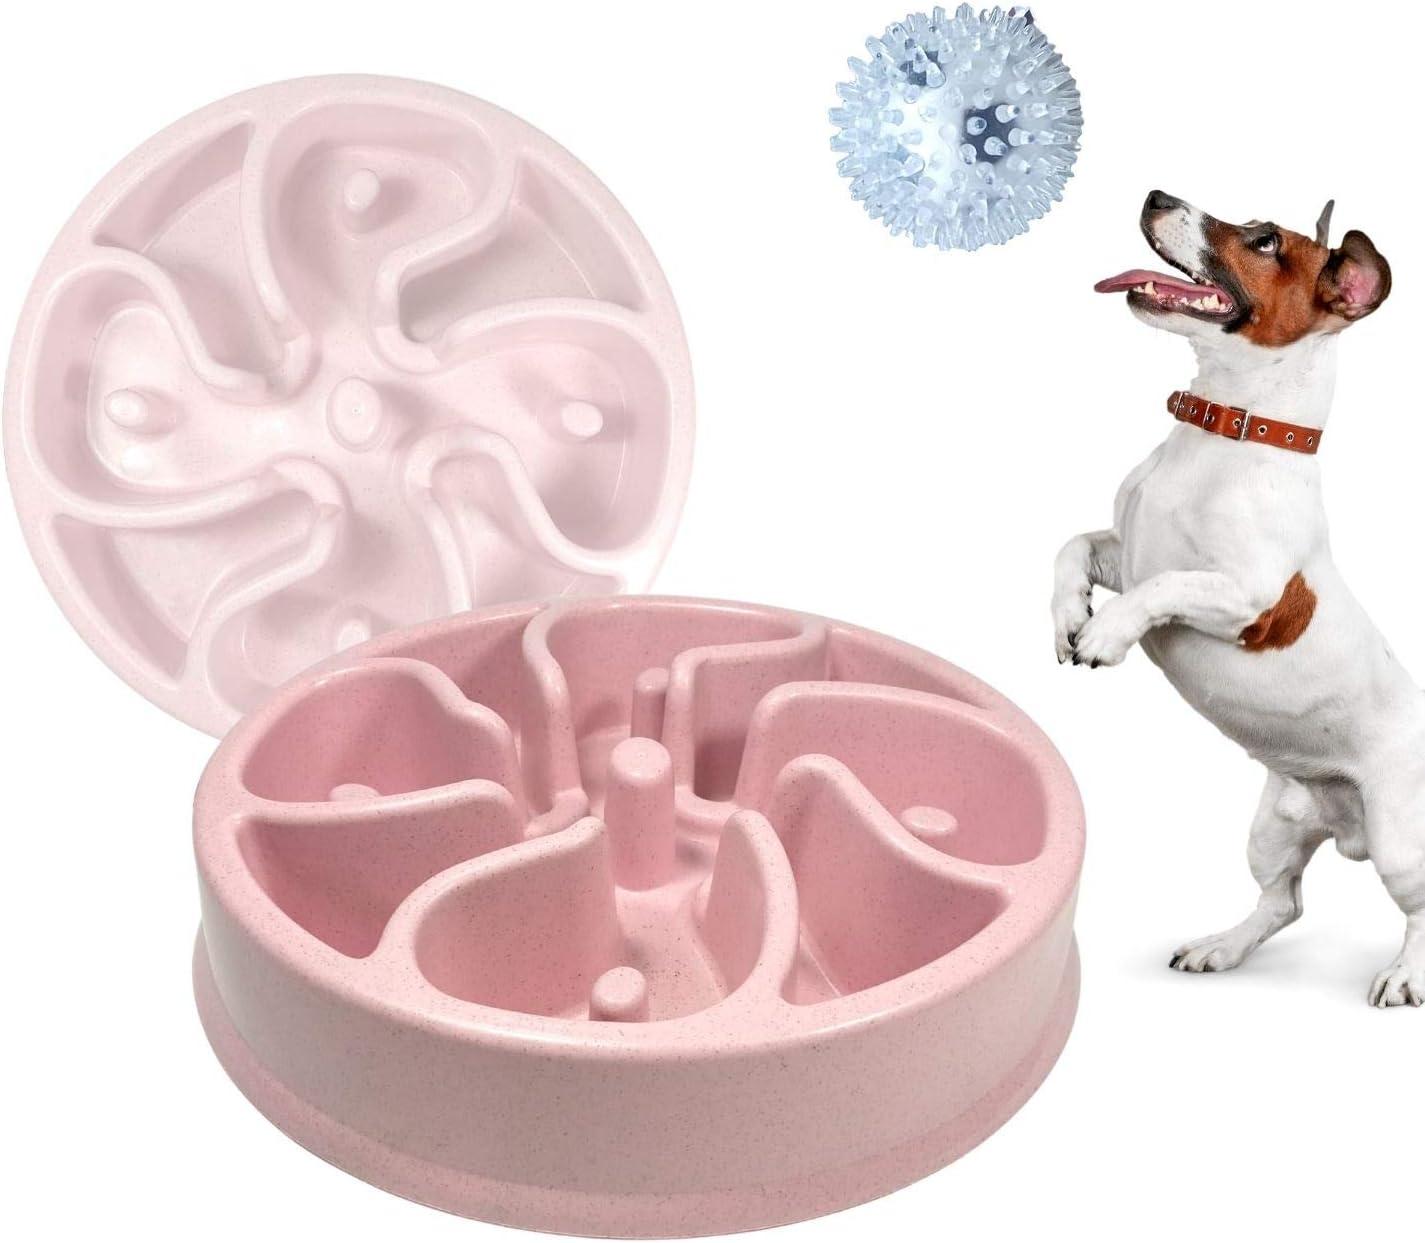 Pack»1 Comedero Antivoracidad Lento Para Perros Ansiosos, Plato divertido e interactivo para cachorros y razas pequeñas Medianas + Juguete Pelota bola con pinchos interactiva.(ROSA, PELOTA ANTIESTRES)